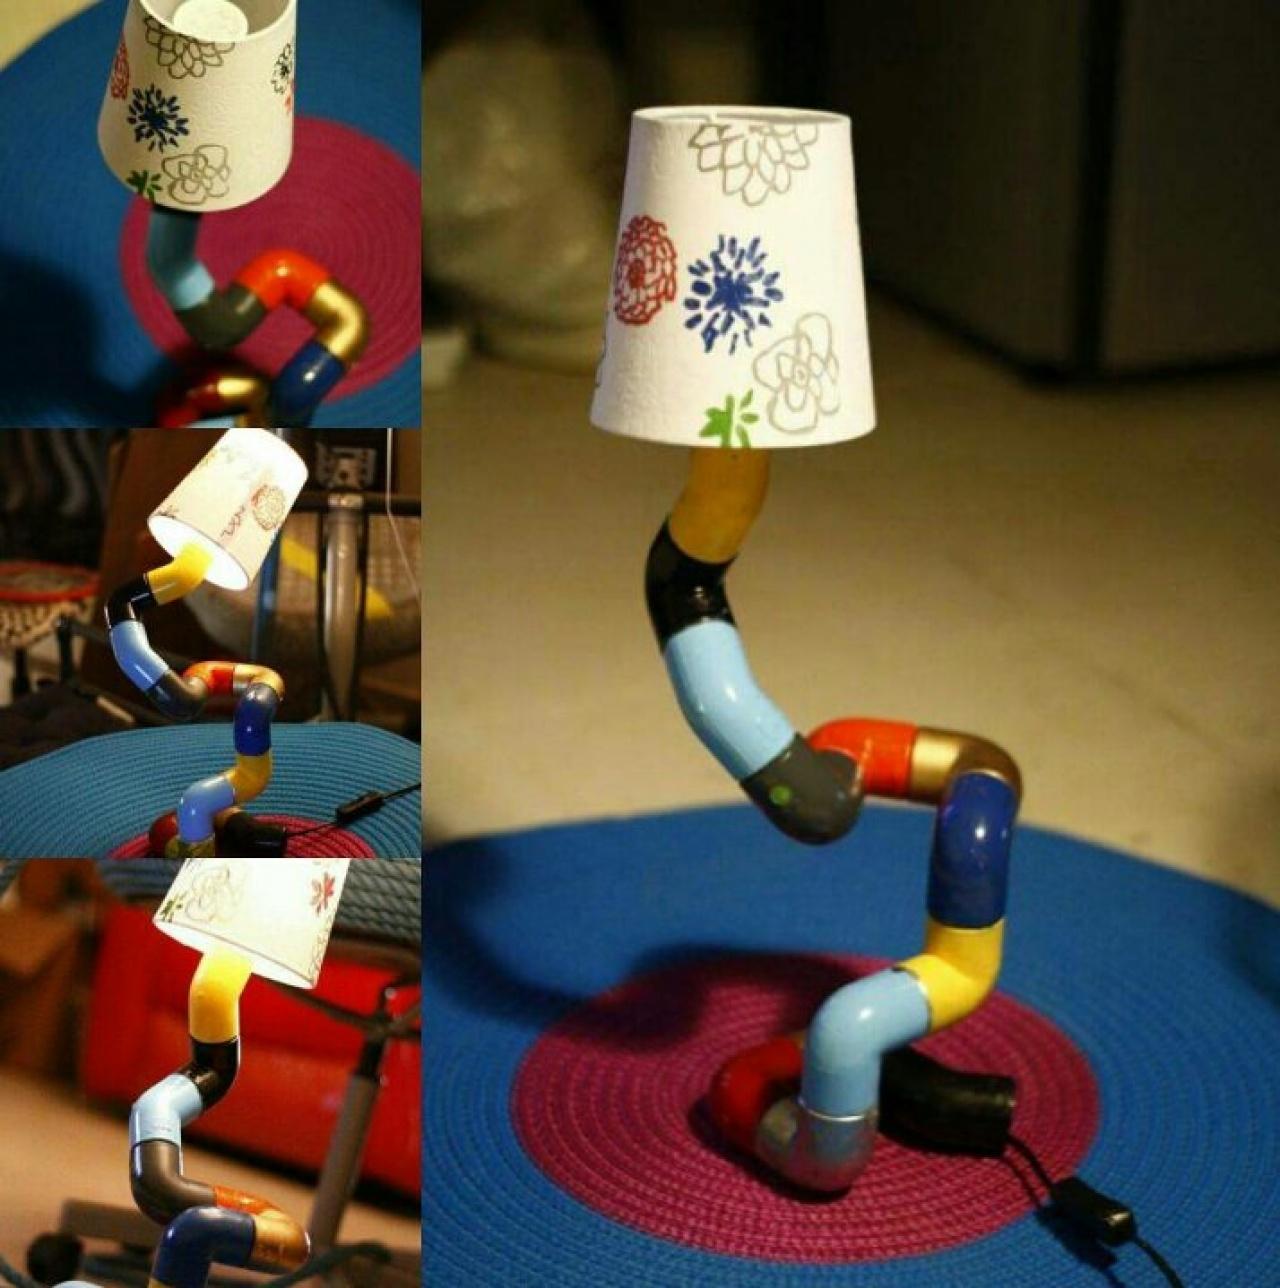 除翻新輪胎外,Re.Tire創辦人之一的Mahdy亦設立了另一家創企Re.Pipe,把這些重用的想法應用在舊水管中,製作燈和桌子等。(Re.Tire Facebook)